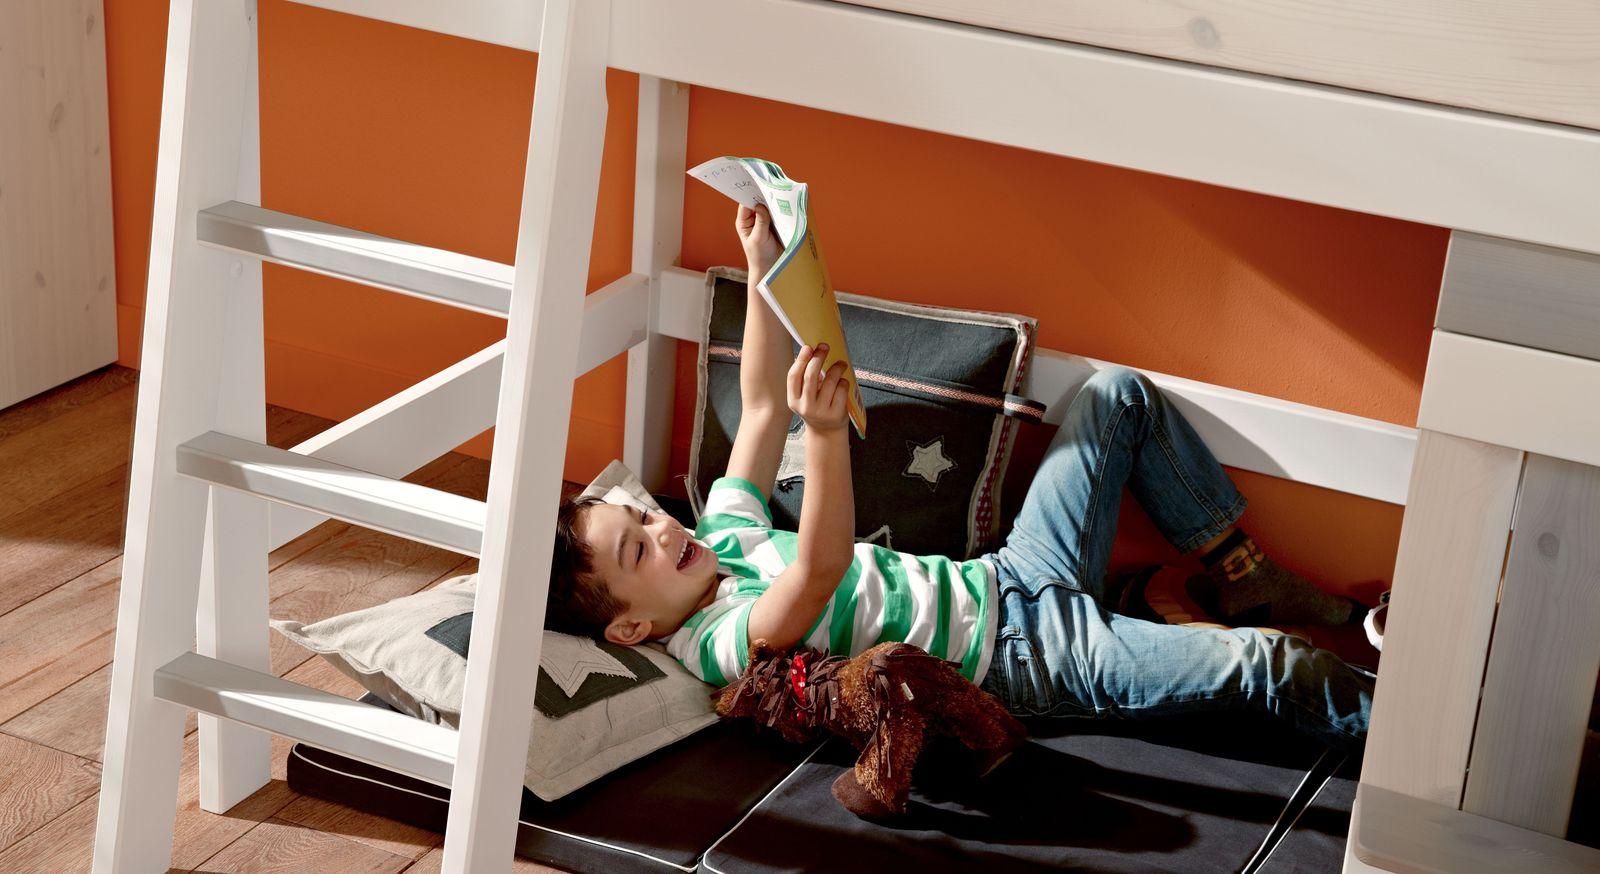 hochbett mit kletterwand midi hochbett aus mdf und buche mit kletterwand kids town hochbett. Black Bedroom Furniture Sets. Home Design Ideas